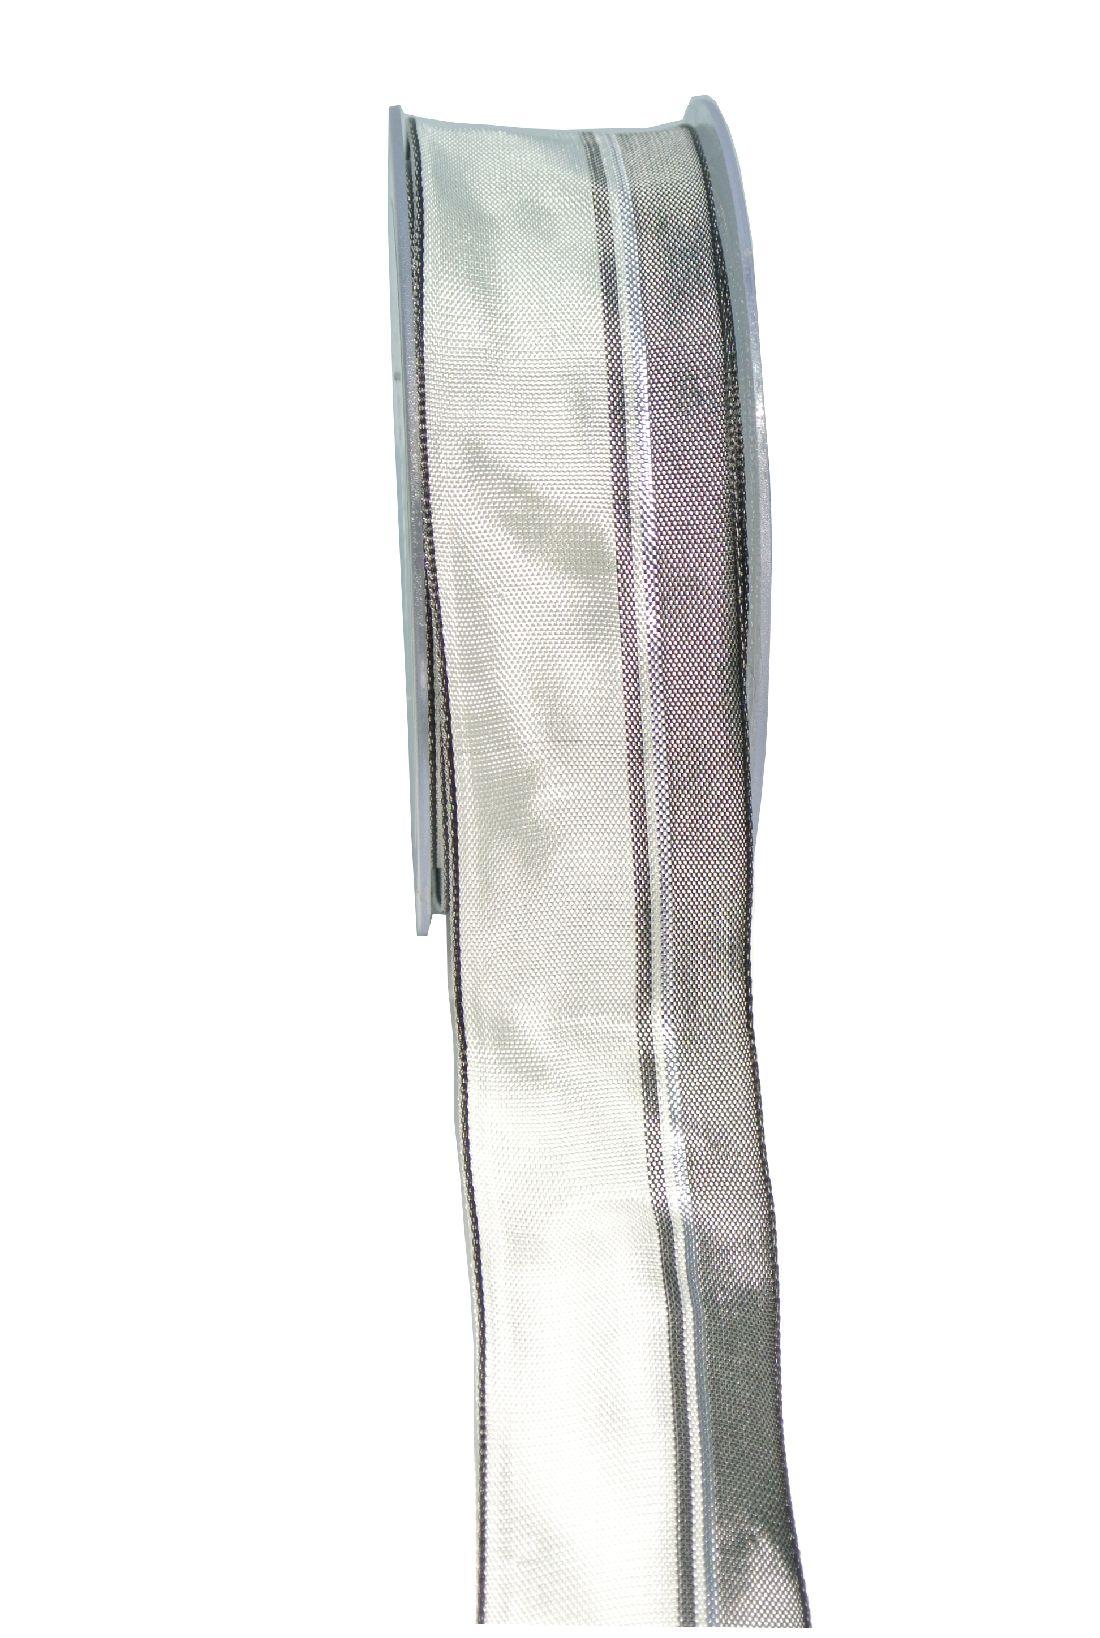 Trauerband SCHWARZ 73240 40mm 20m